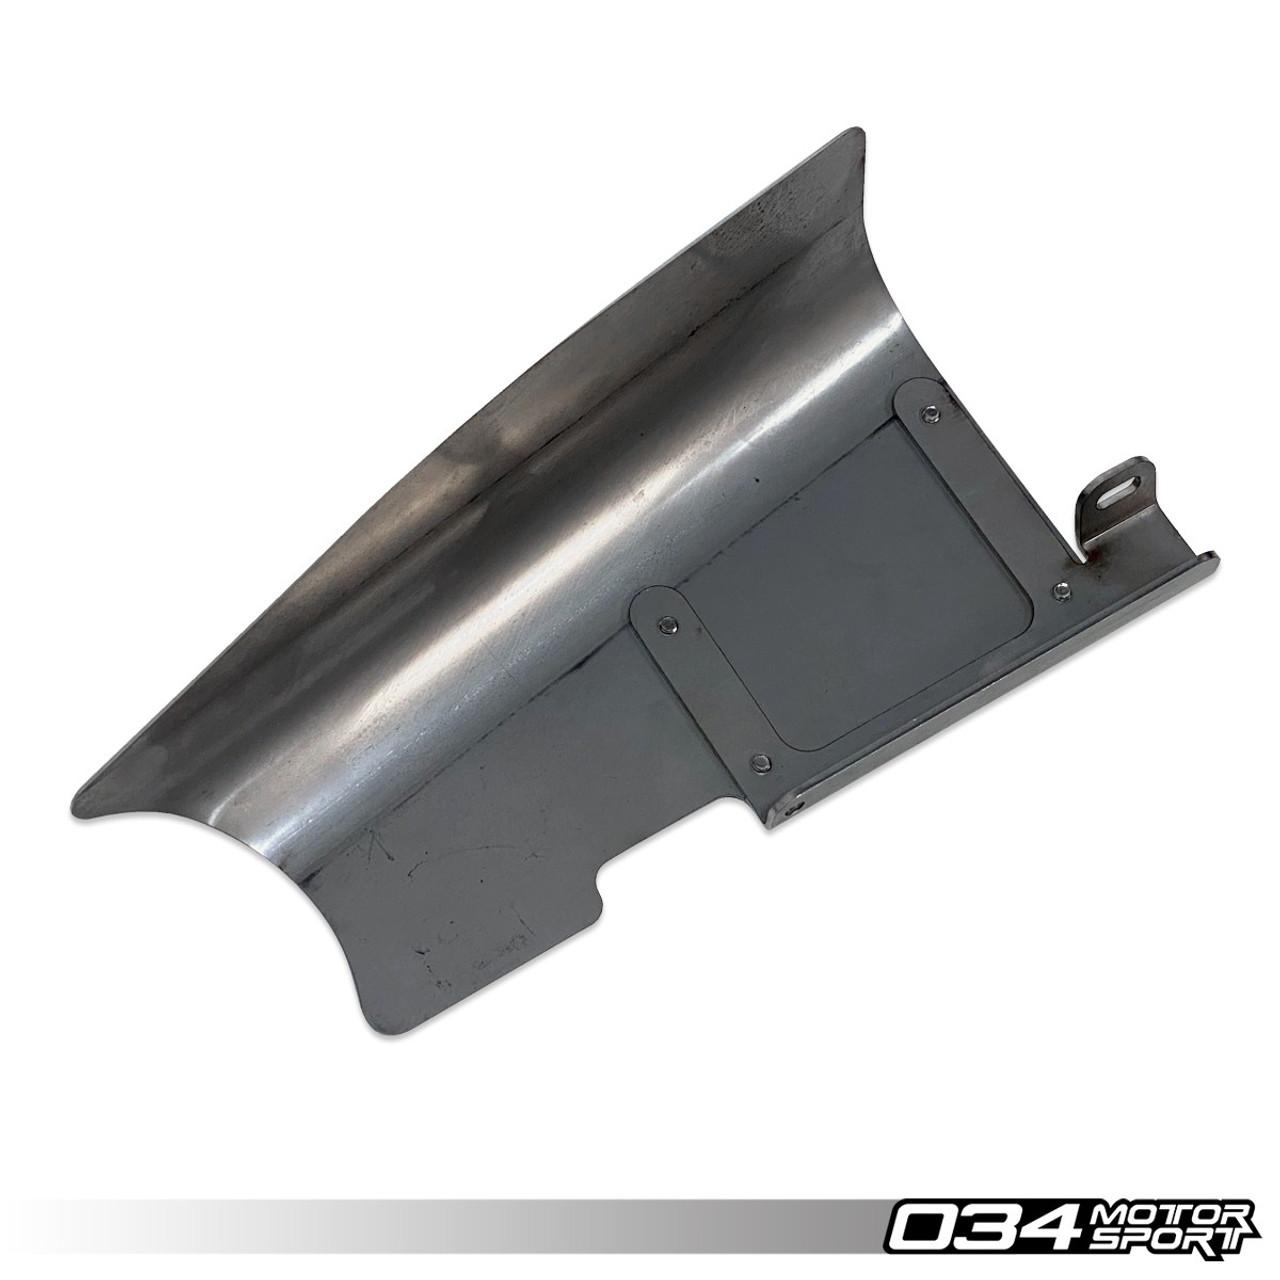 """034Motorsport X34 4"""" Carbon Fiber Open Top Intake Bundle for 8V RS3 & 8S TTRS"""